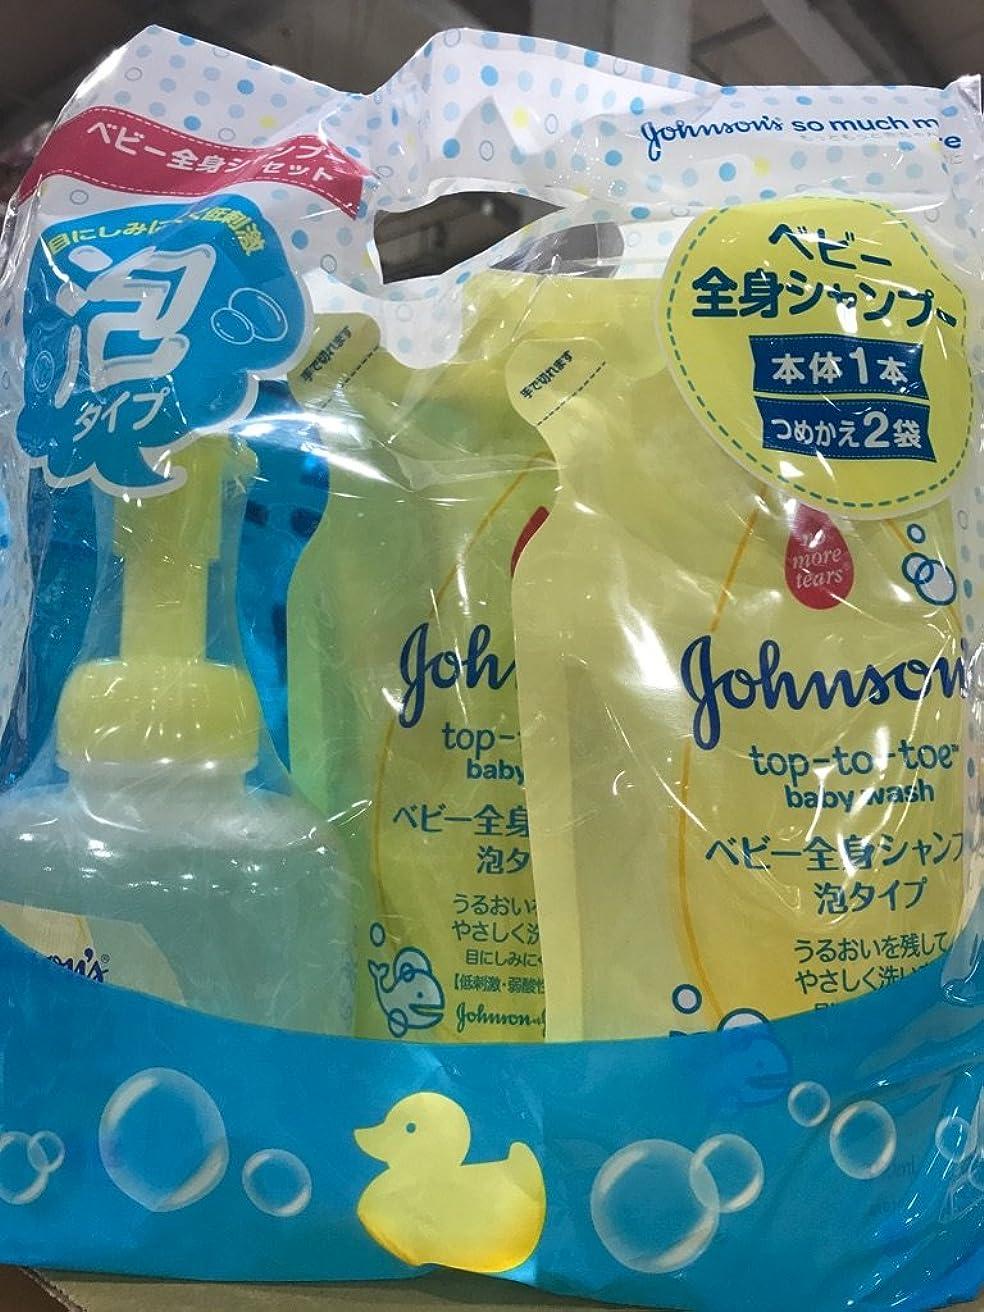 矩形住人ソーシャルJonson ジョンソンベビー ベビー全身シャンプー泡タイプ お徳用セット top to toe 本体1本 詰め替え用2袋